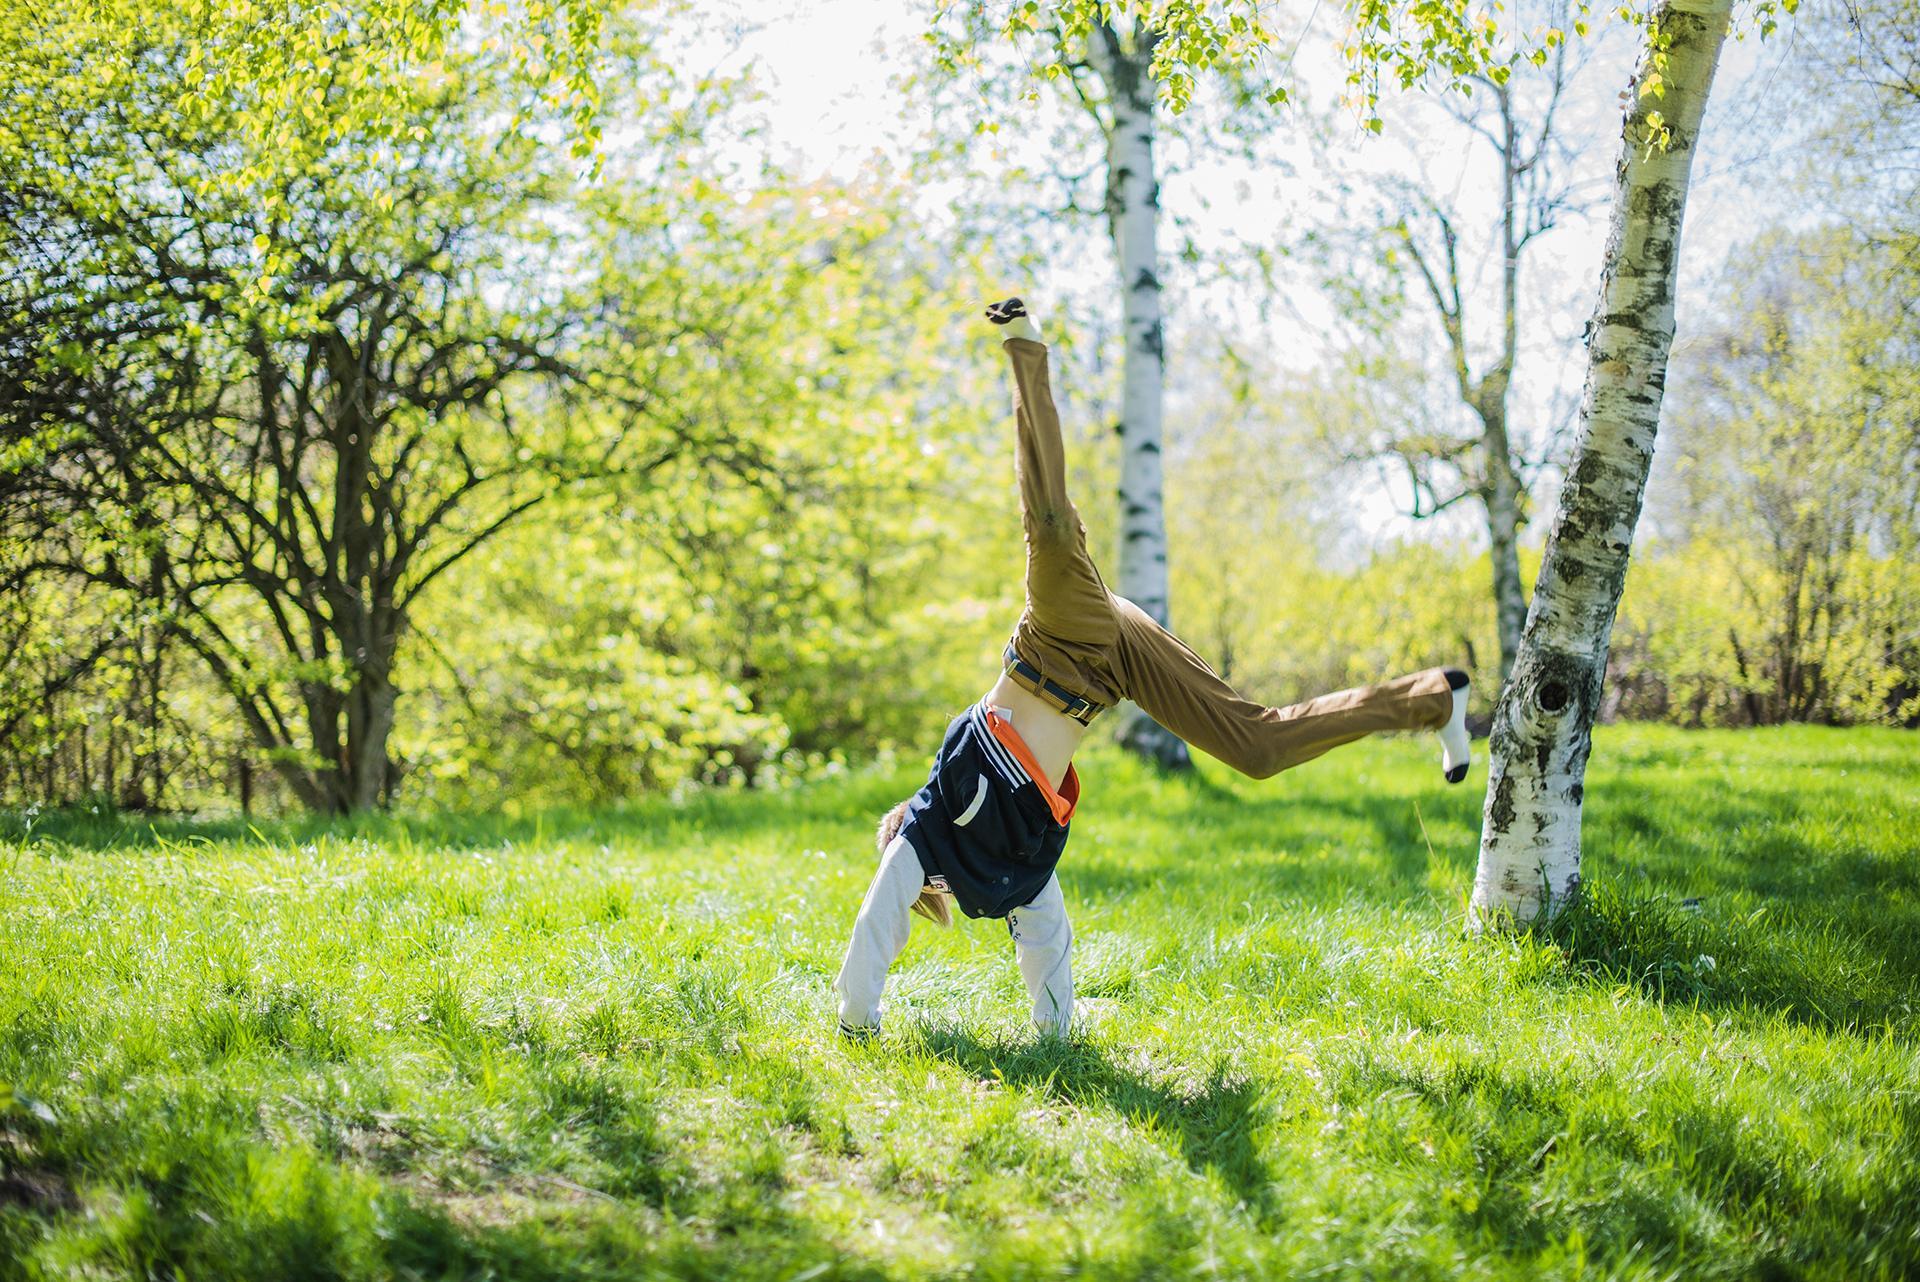 Habilitats acrobàtiques